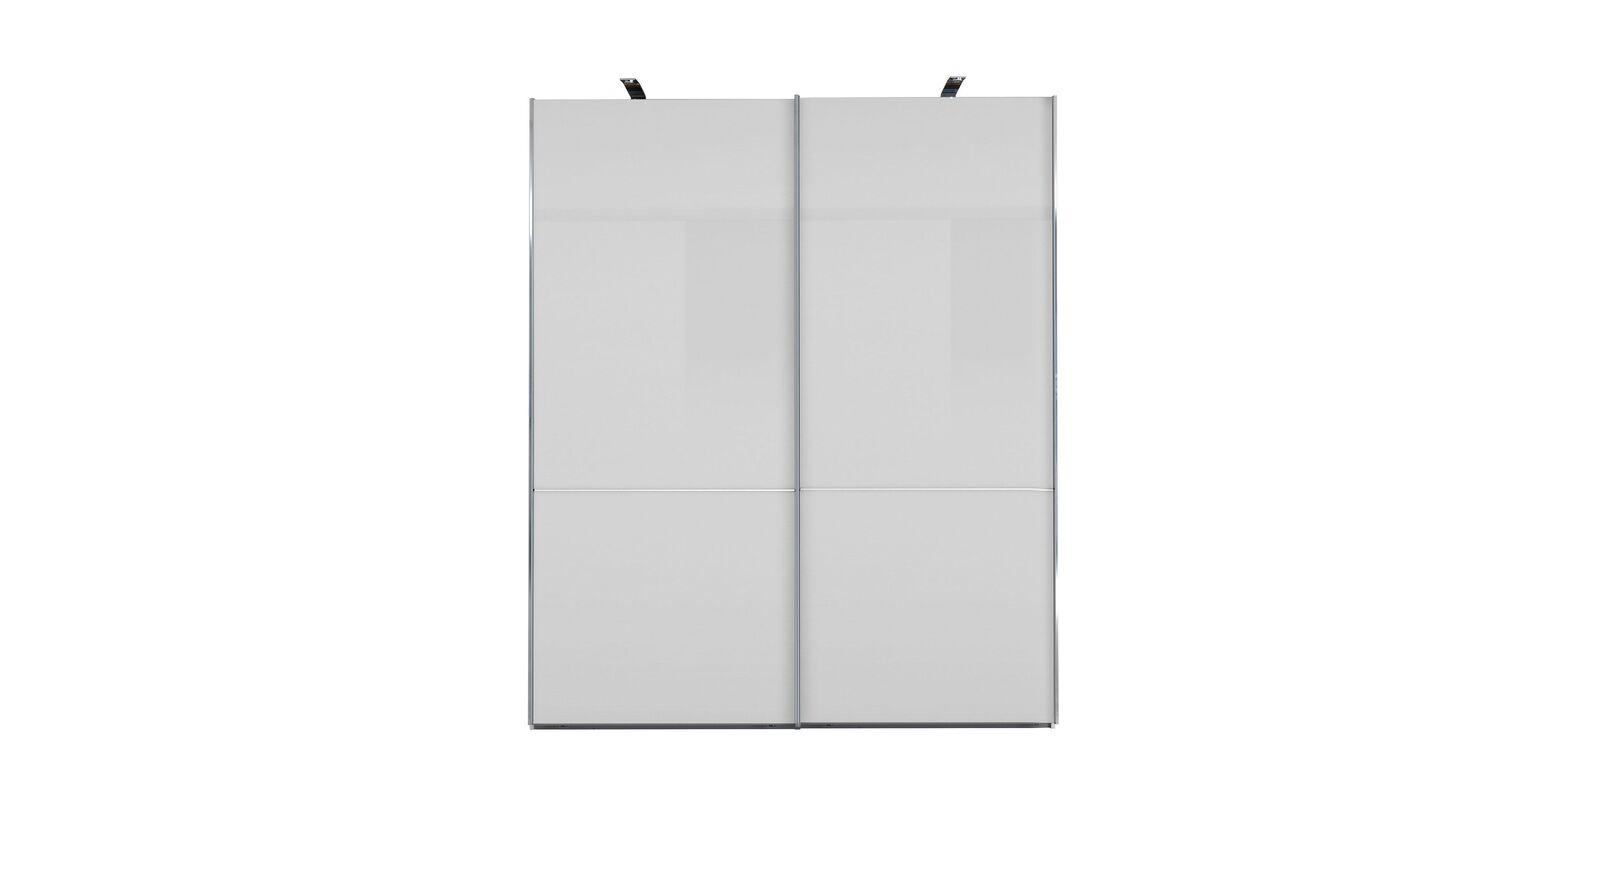 GALLERY M Schwebetüren-Kleiderschrank IMOLA W Weiß - 2-türig ohne Zierspiegel